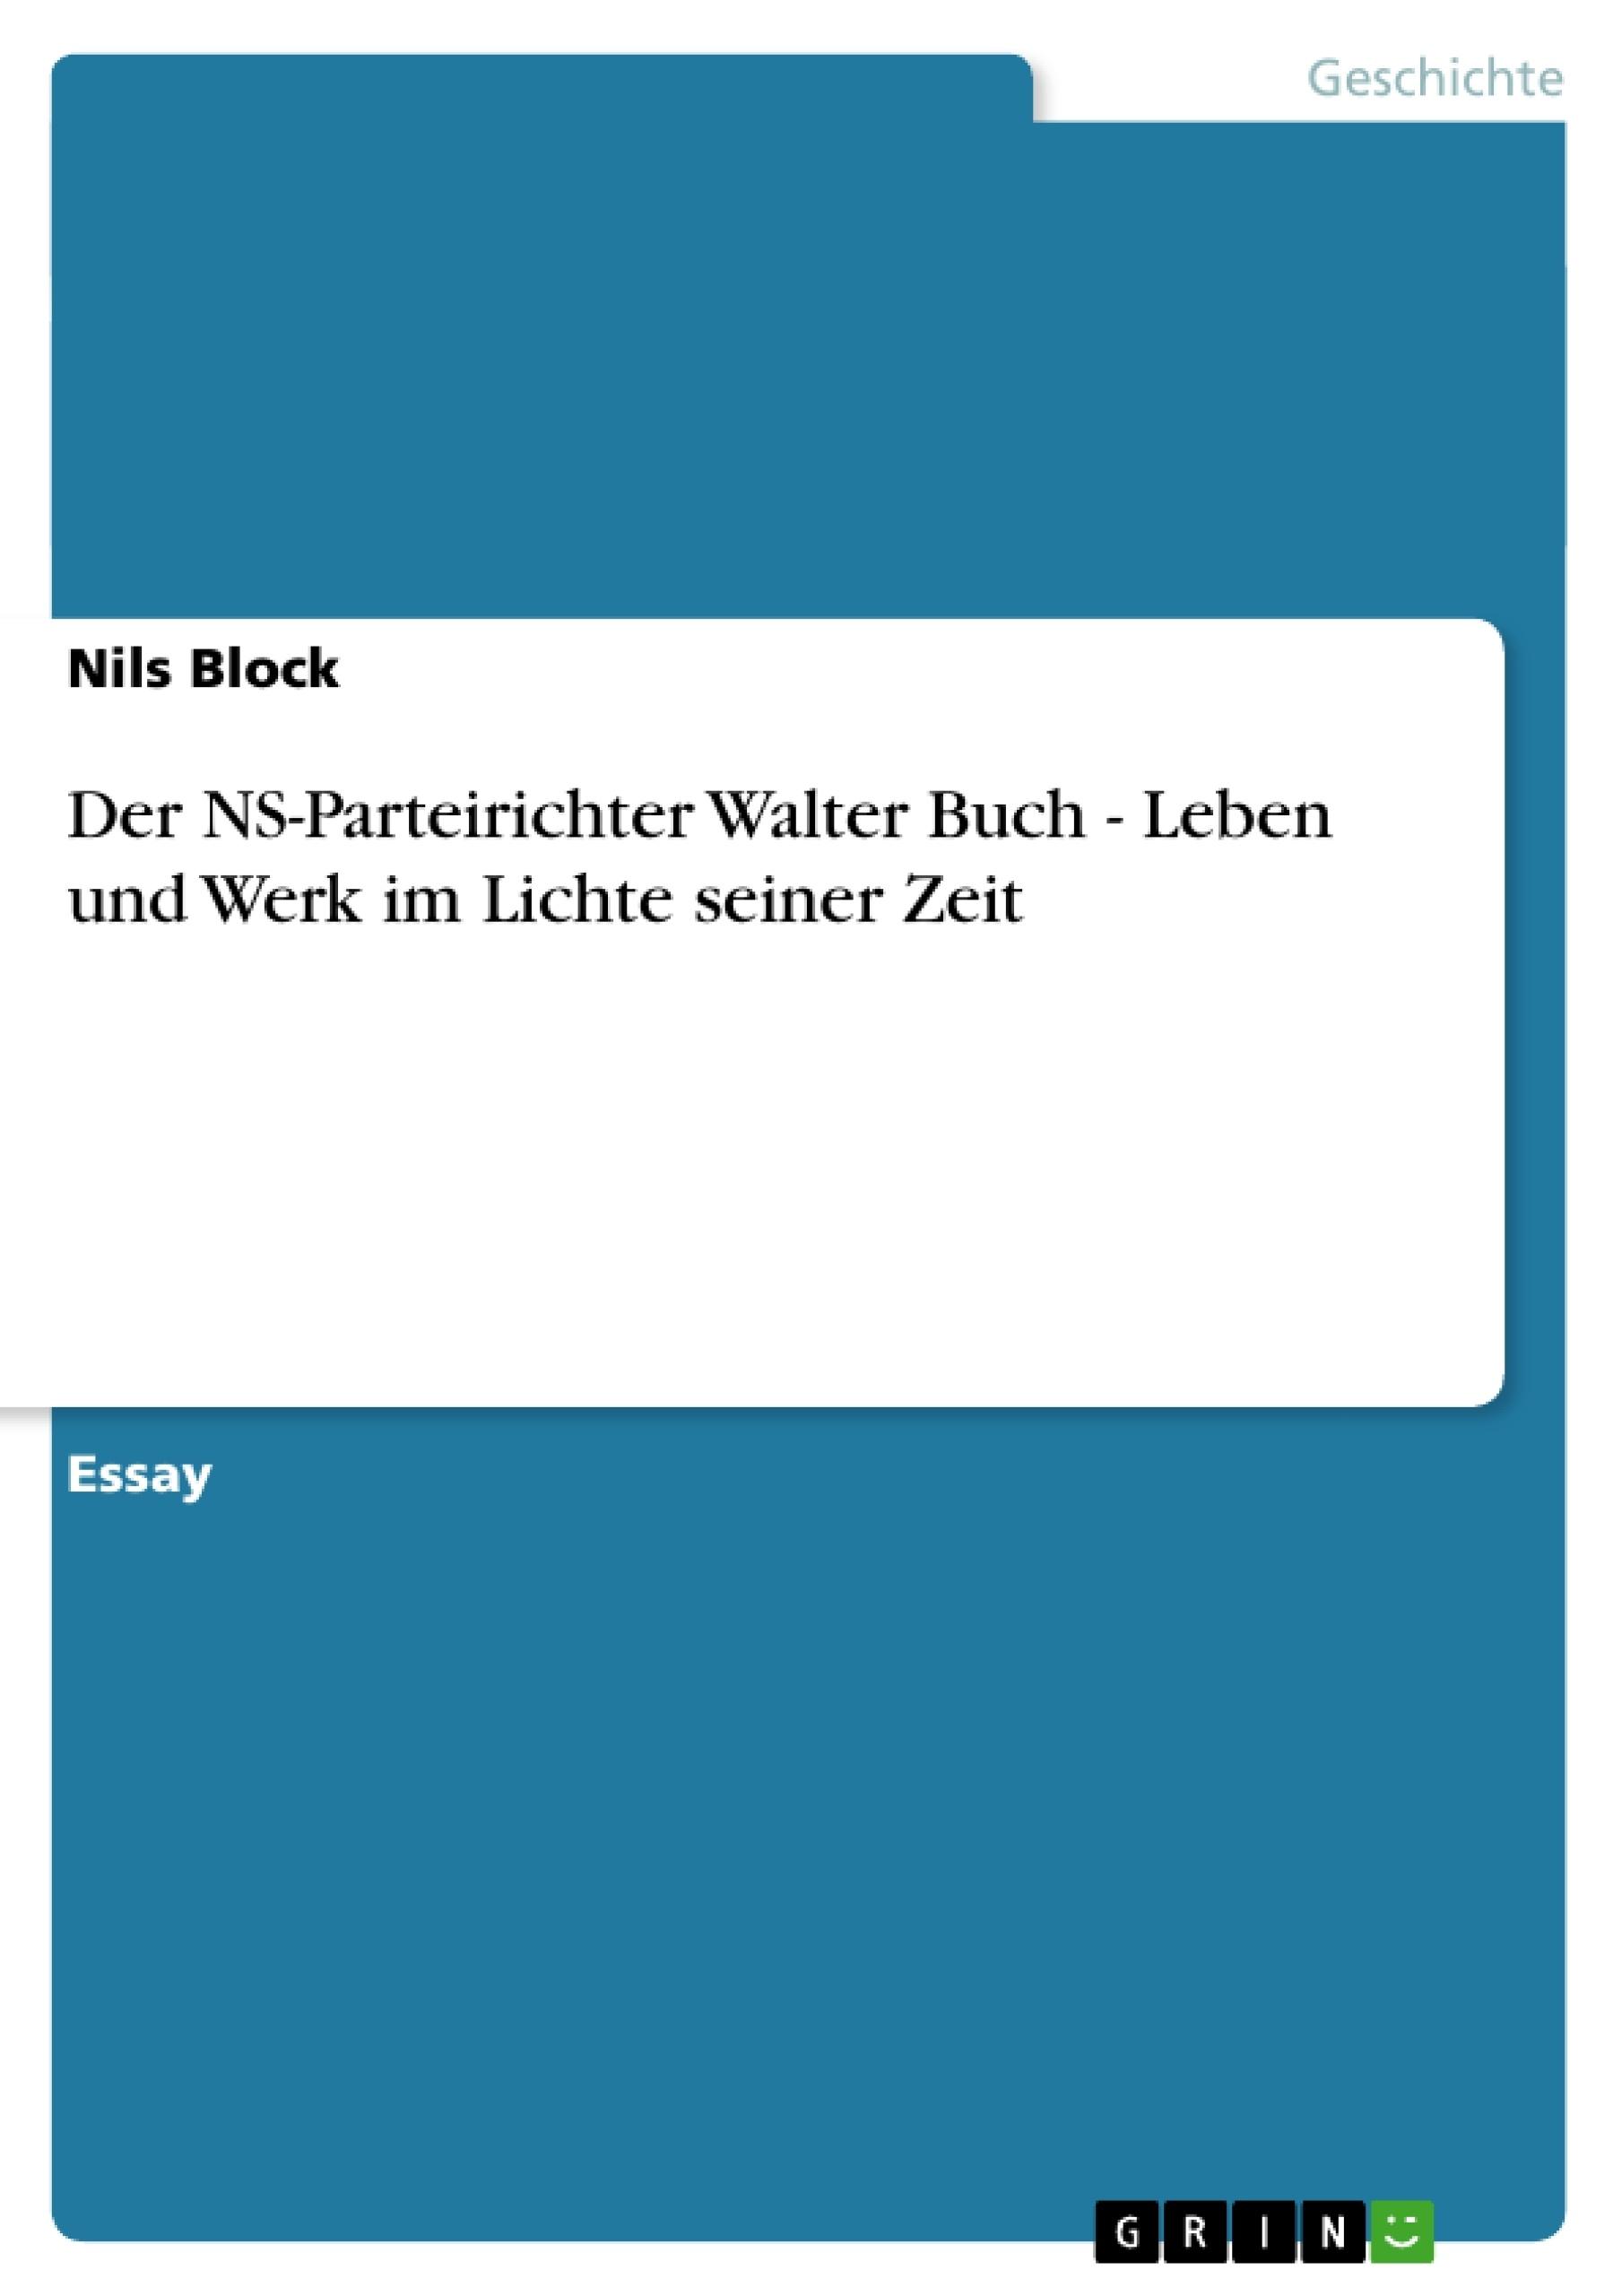 Titel: Der NS-Parteirichter Walter Buch - Leben und Werk im Lichte seiner Zeit